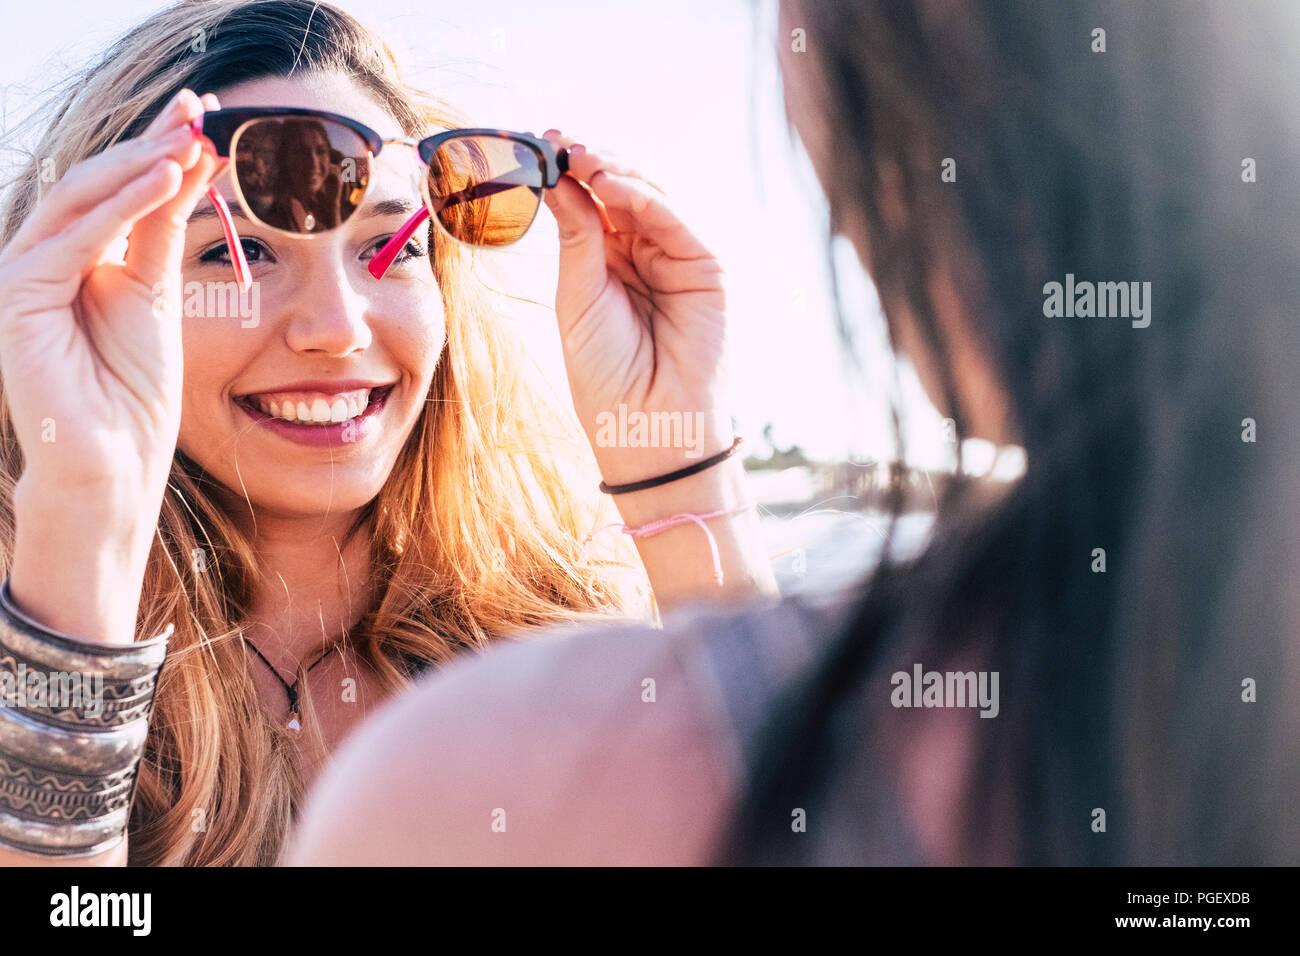 Belle jeune fille de race blanche utiliser les lunettes miroir pour la femme et l'été. d'amis et maison de vacances attrayant de cheerful pe Photo Stock